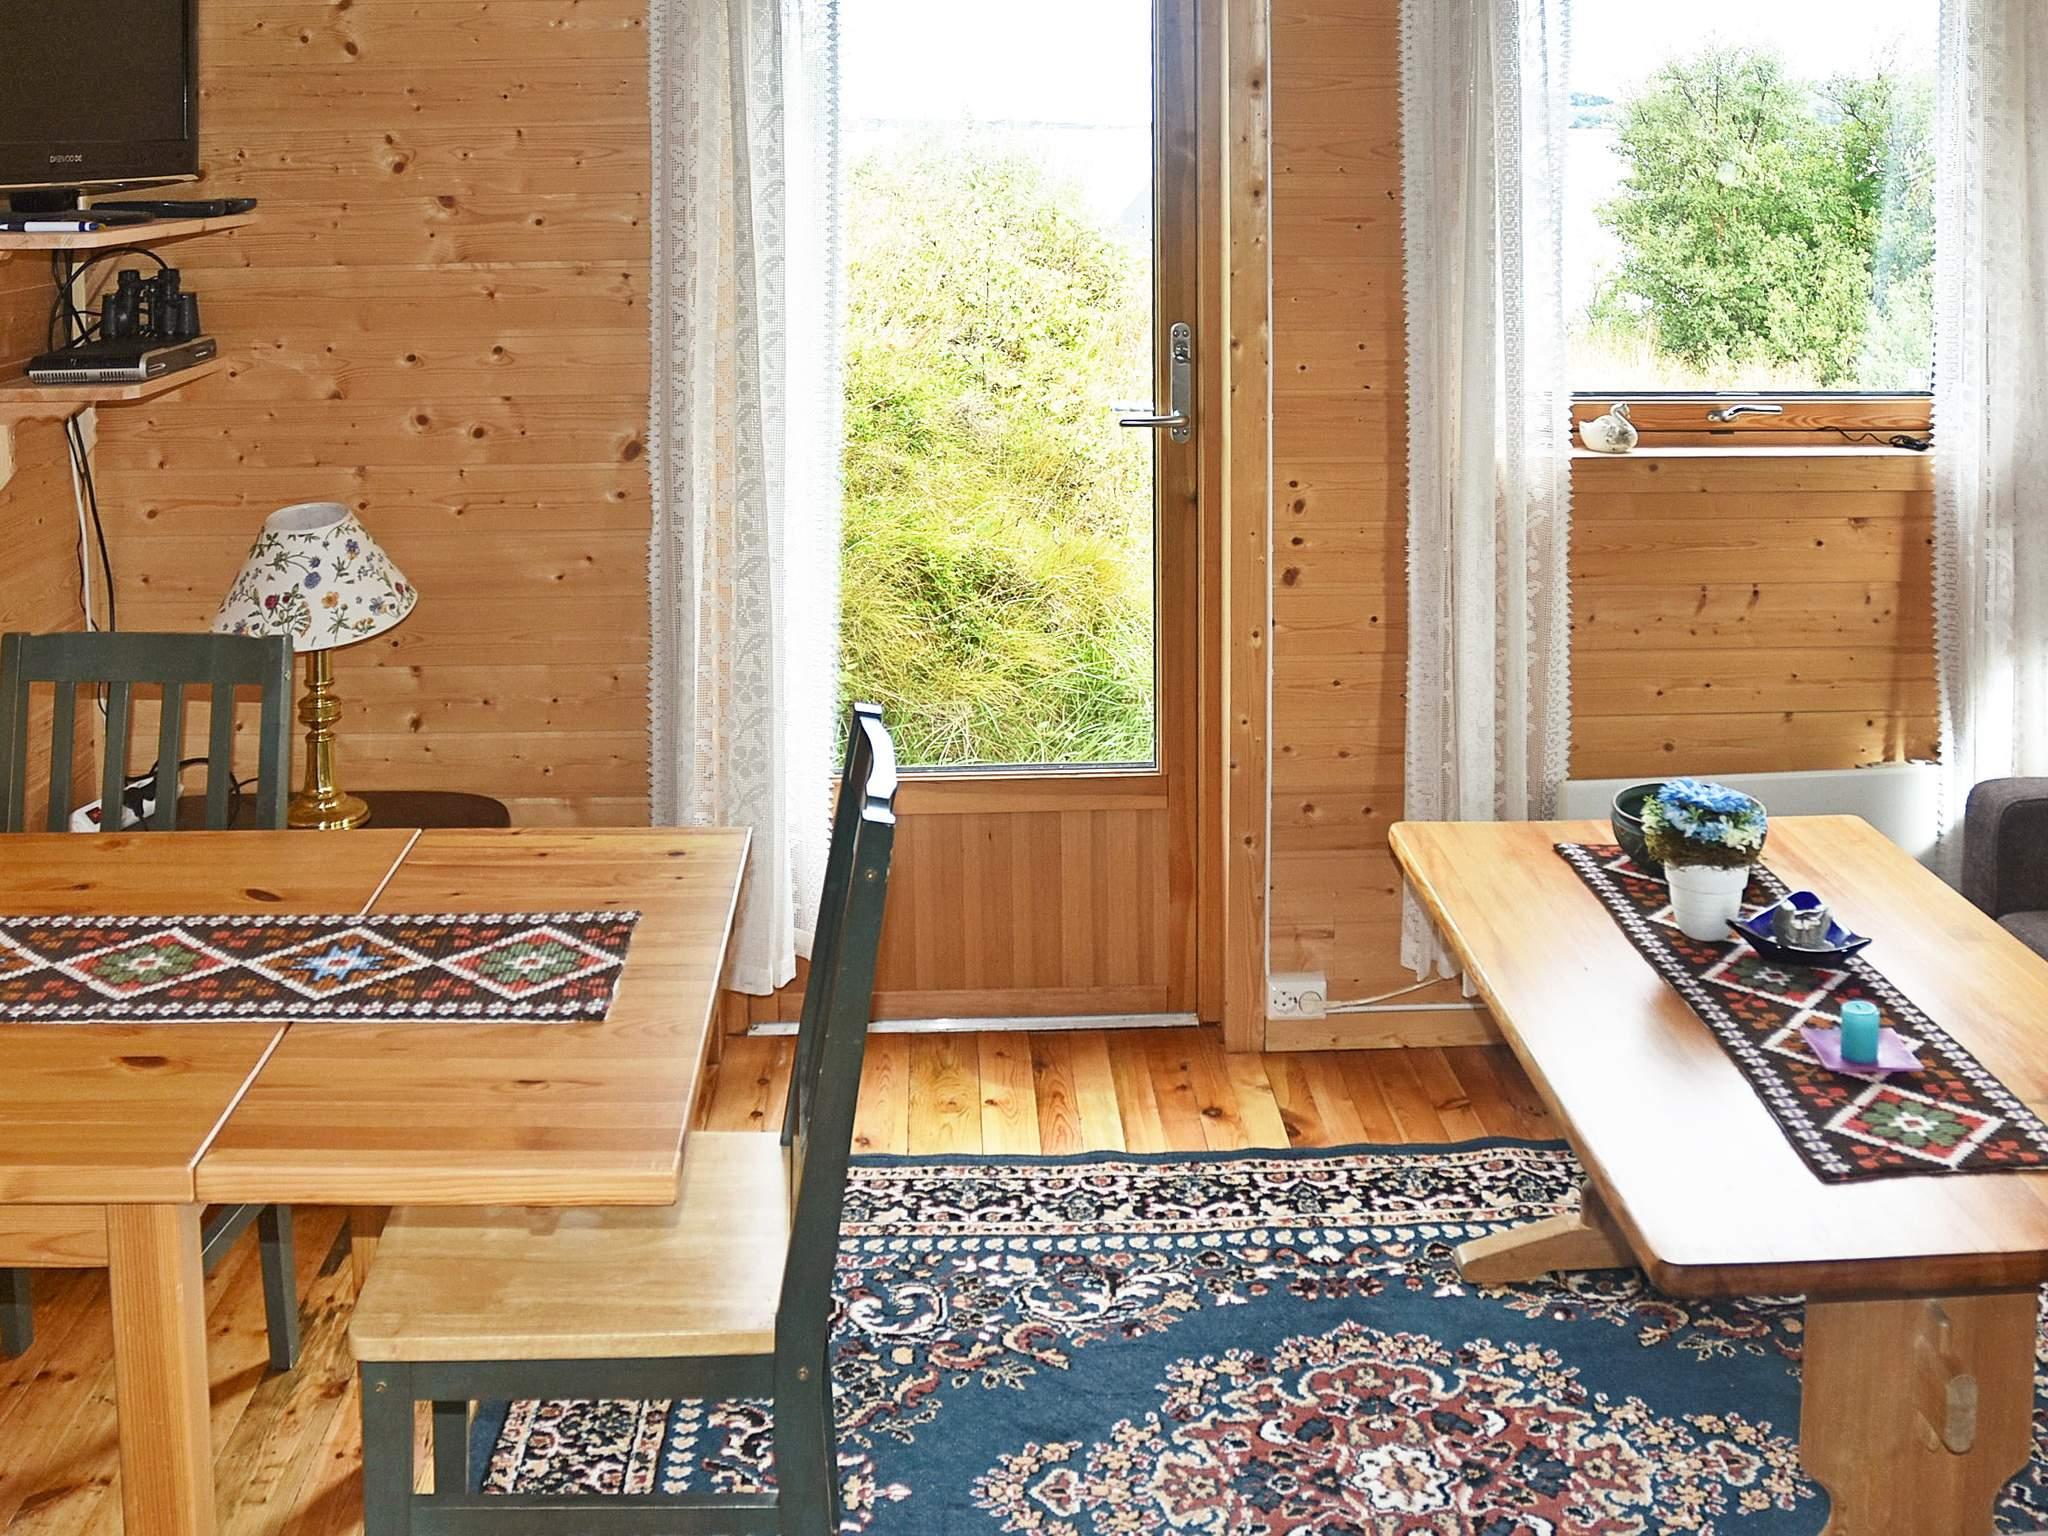 Ferienhaus Tranvikan (1702722), Fillan, Tröndelag Süd - Trondheimfjord Süd, Mittelnorwegen, Norwegen, Bild 6